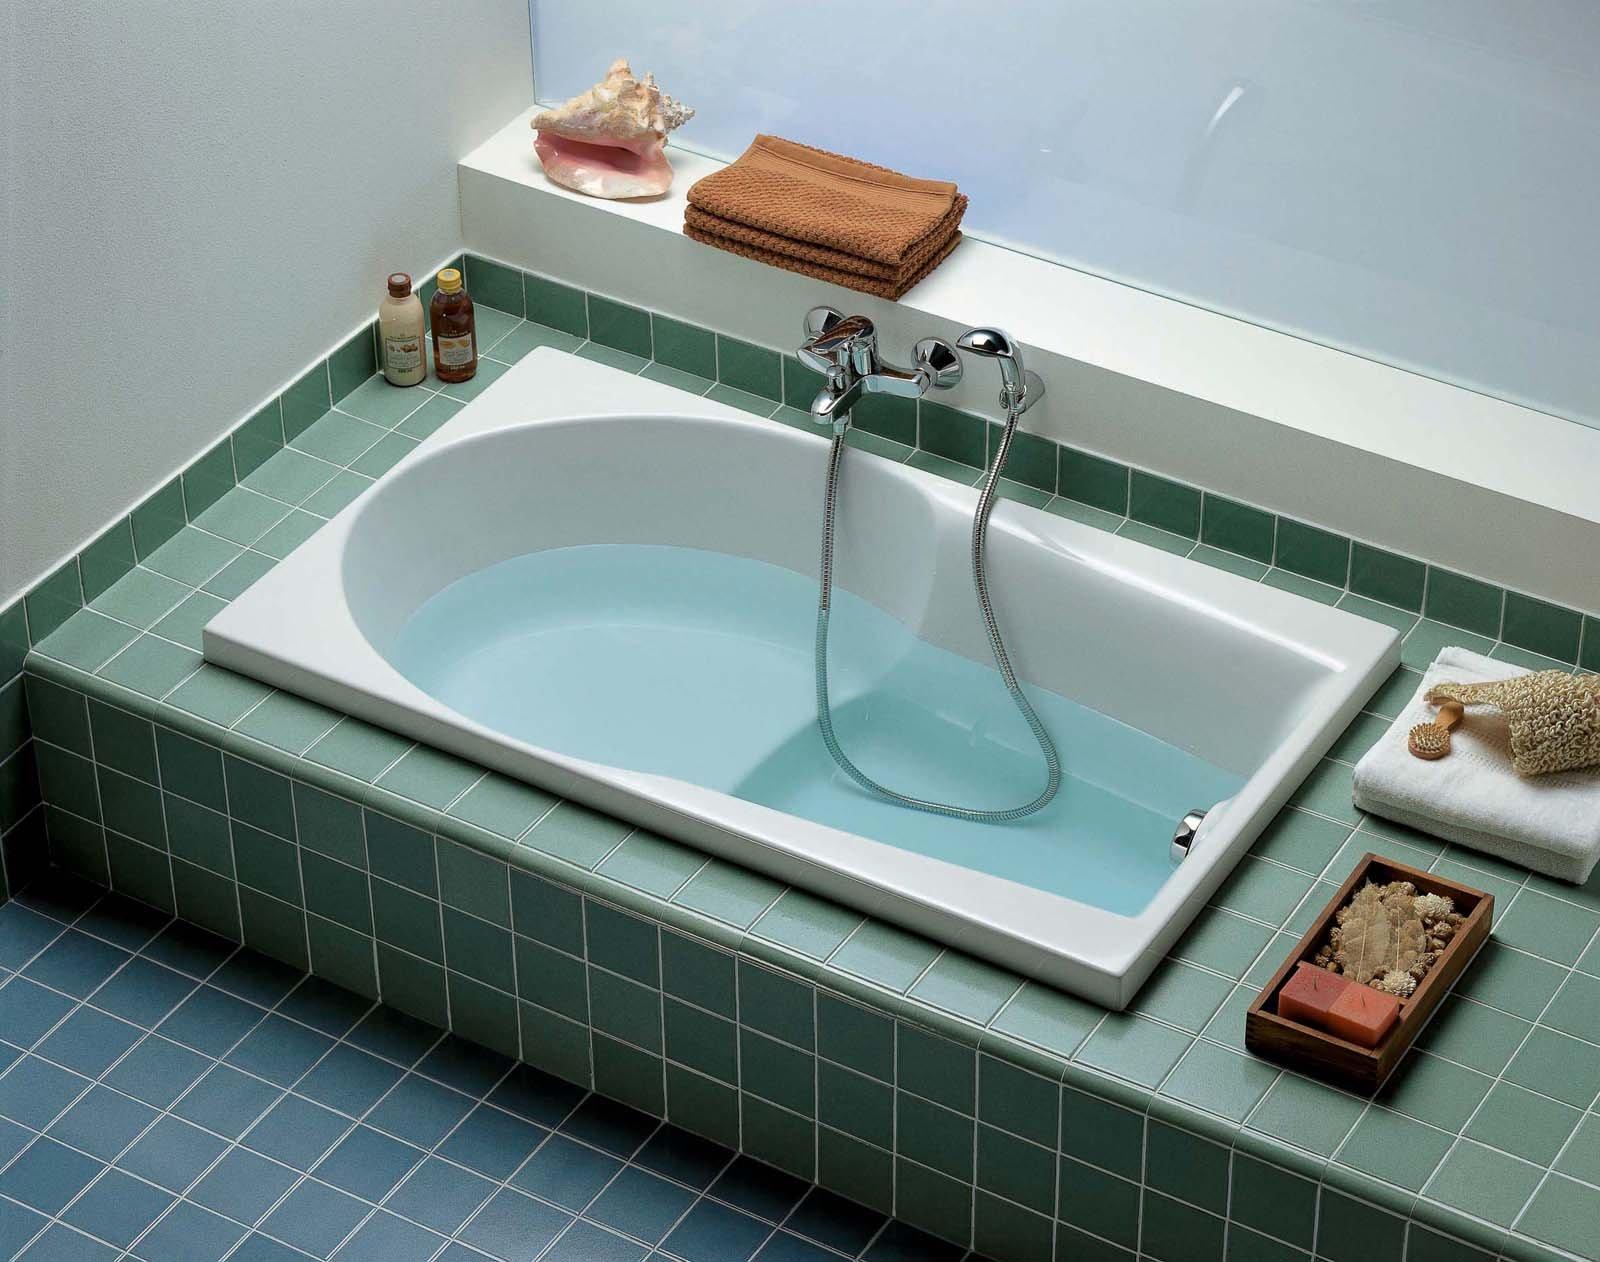 Vasca Da Bagno Con Seduta E Legno Oggetti Design : Vasche da bagno low cost a partire euro cose di casa